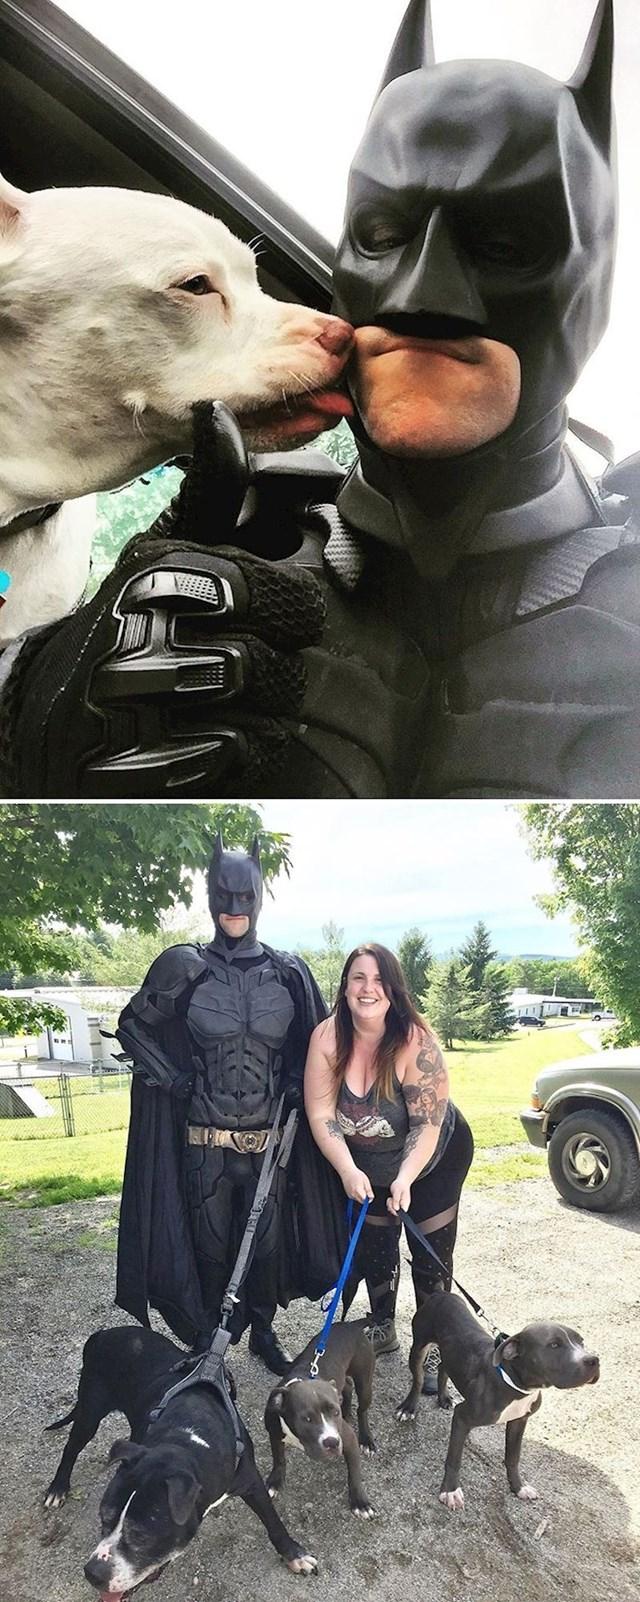 Ovaj čovjek se oblači u Batmana, spašava napuštene životinje i pronalazi im nove domove.